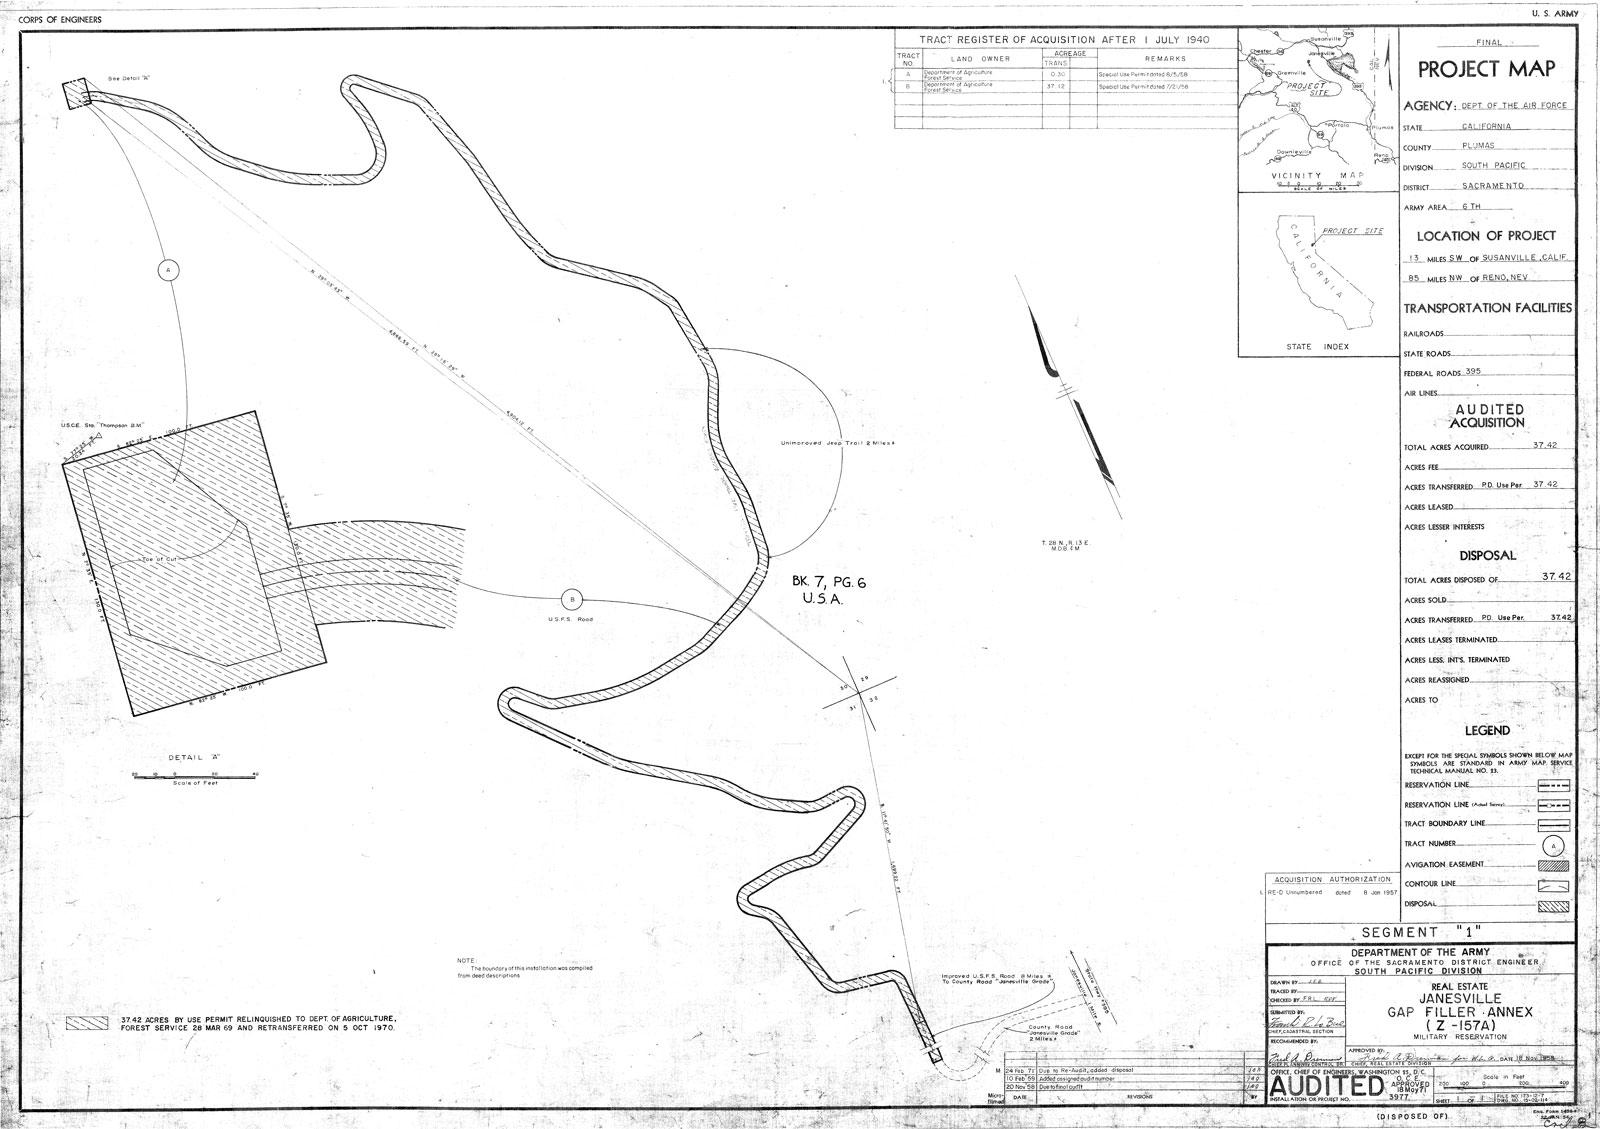 Janesville Gap Filler Annex